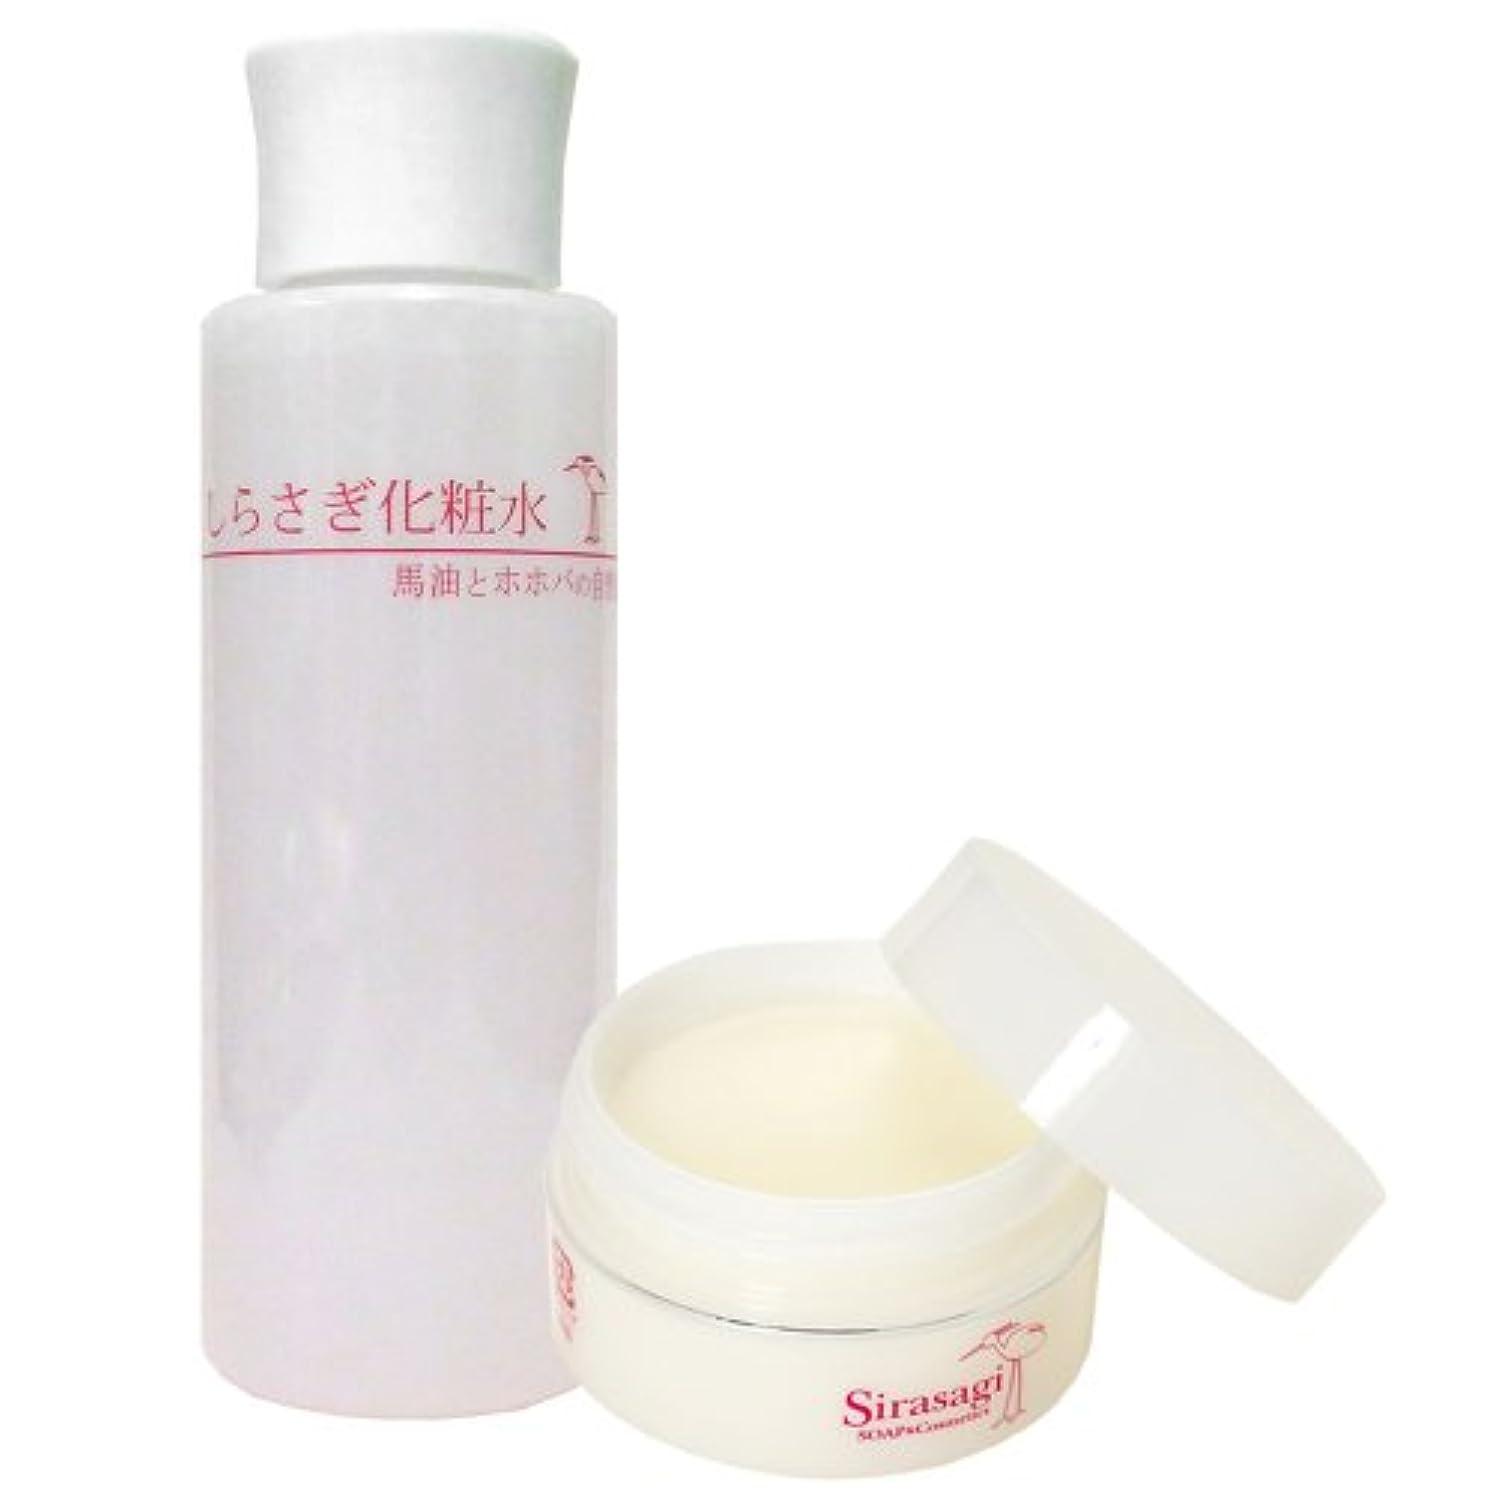 ケニア大いに領事館しらさぎクリーム(ラベンダーとローズウッドの香り)としらさぎ化粧水のセット